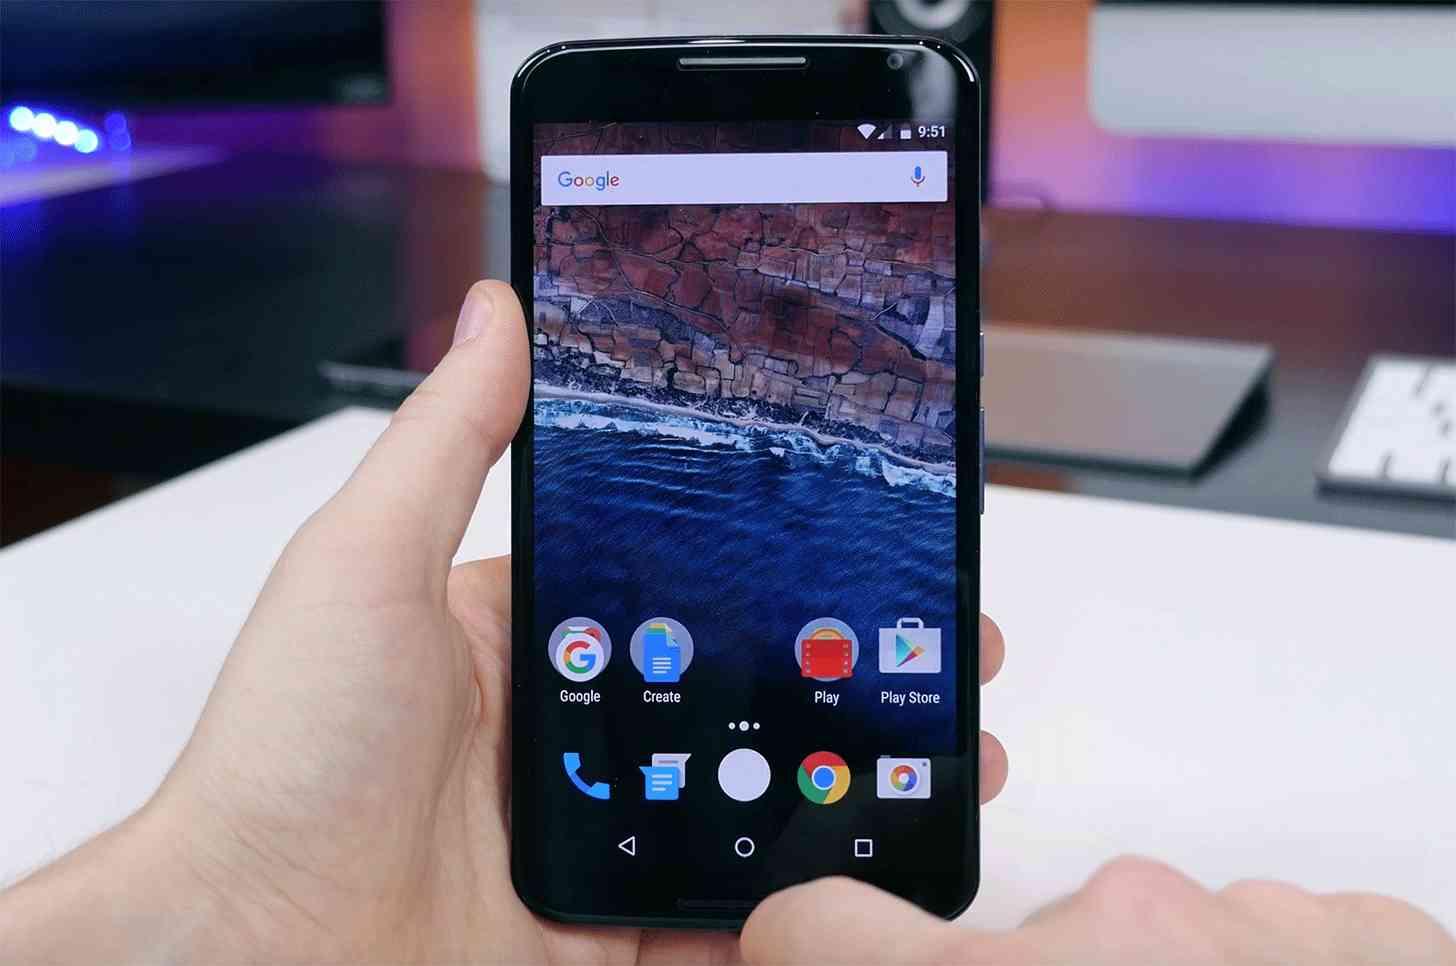 Nexus 6 Android 6.0